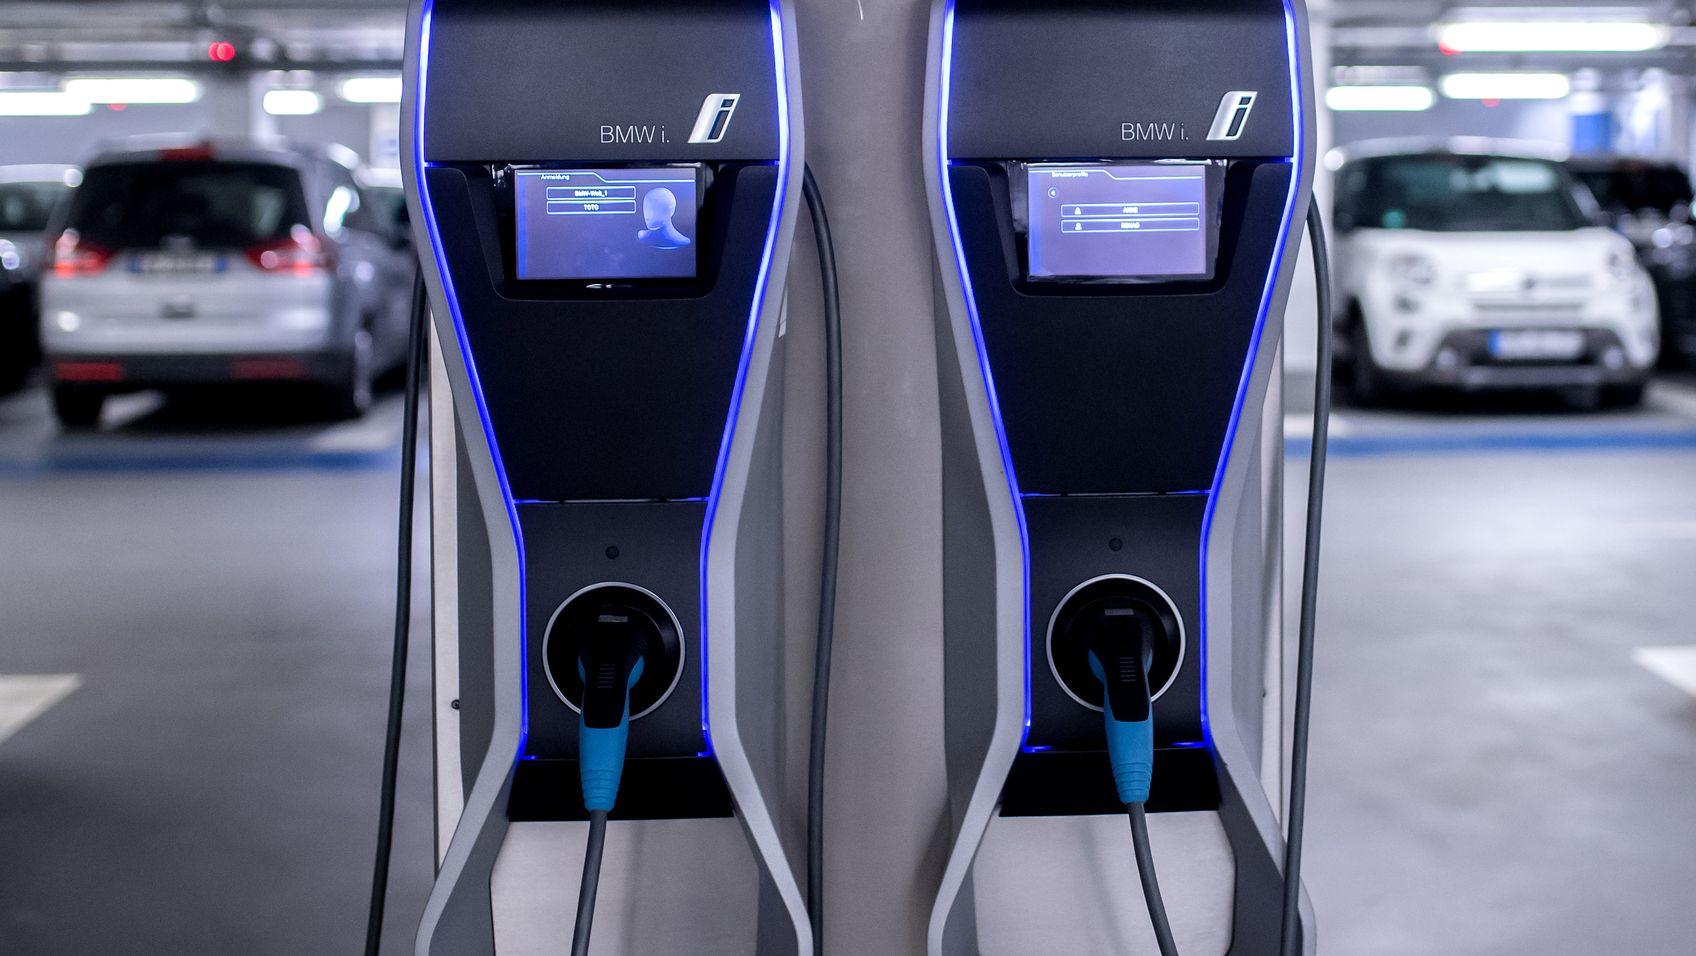 Ein seltener Anblick: Ladestationen von BMW für Elektroautos stehen in einer Tiefgarage.